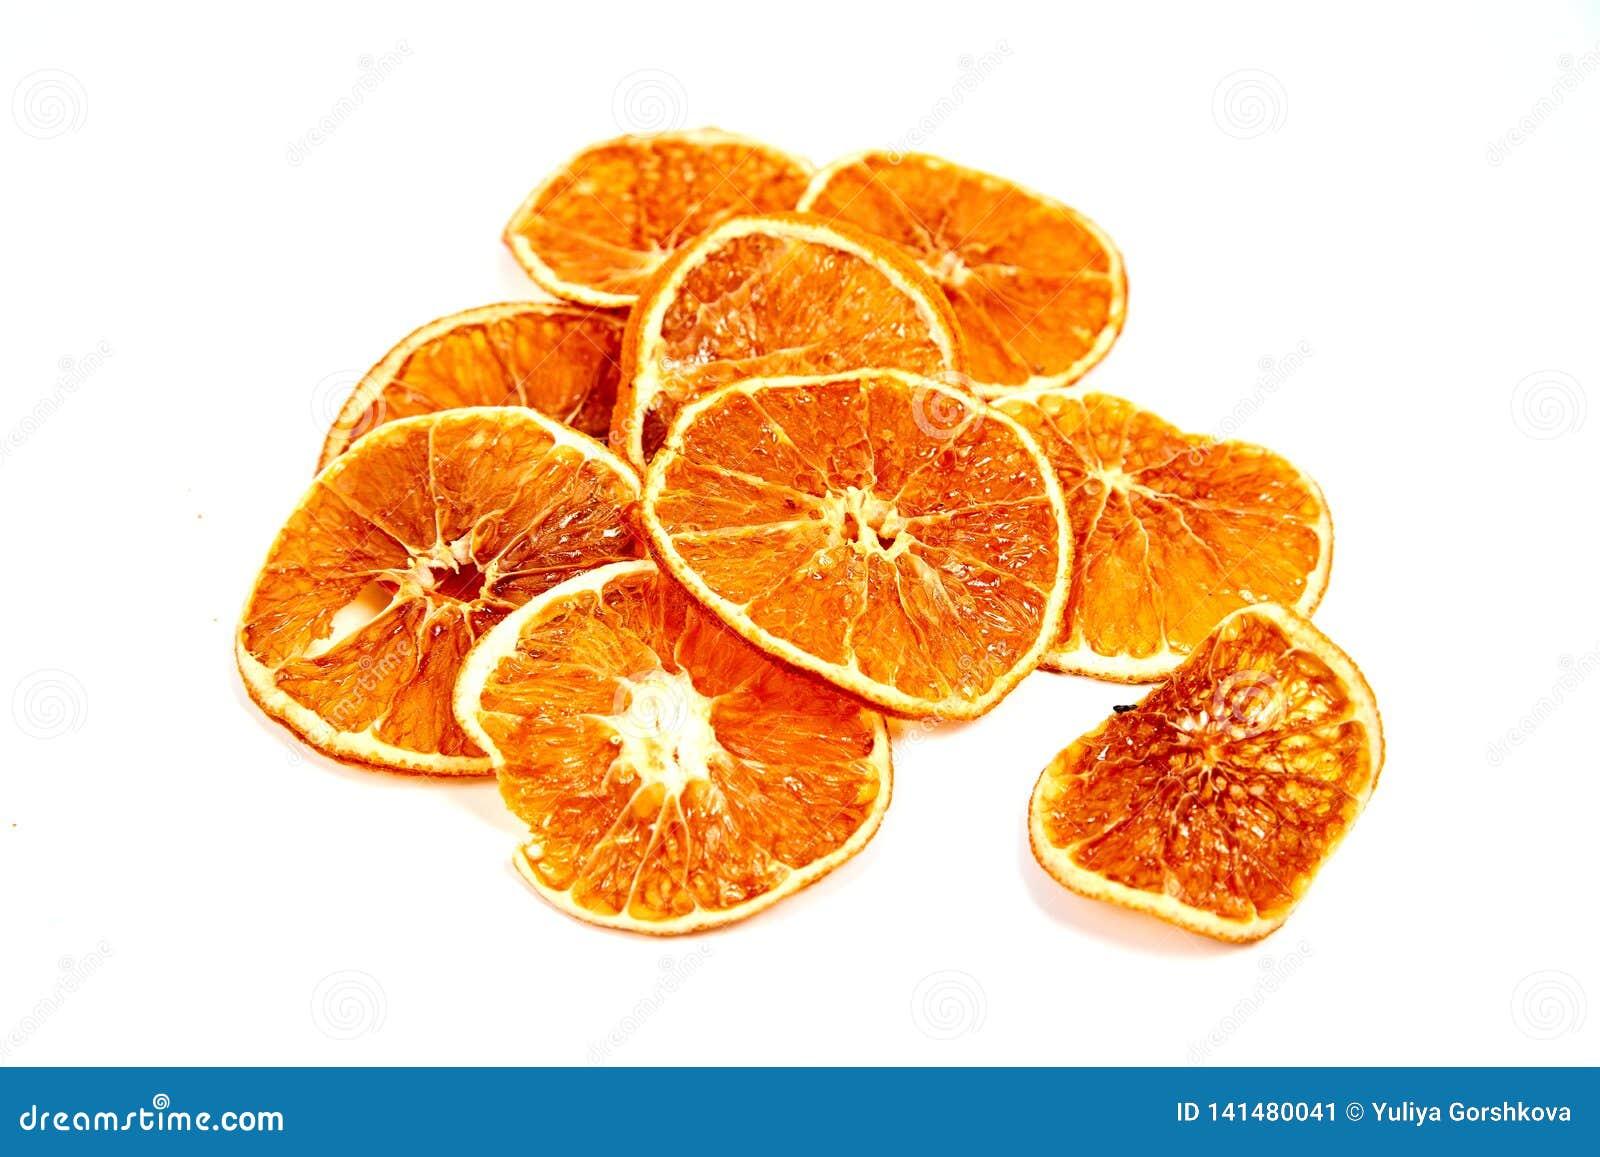 Ringen van droge mandarijn op een witte achtergrond